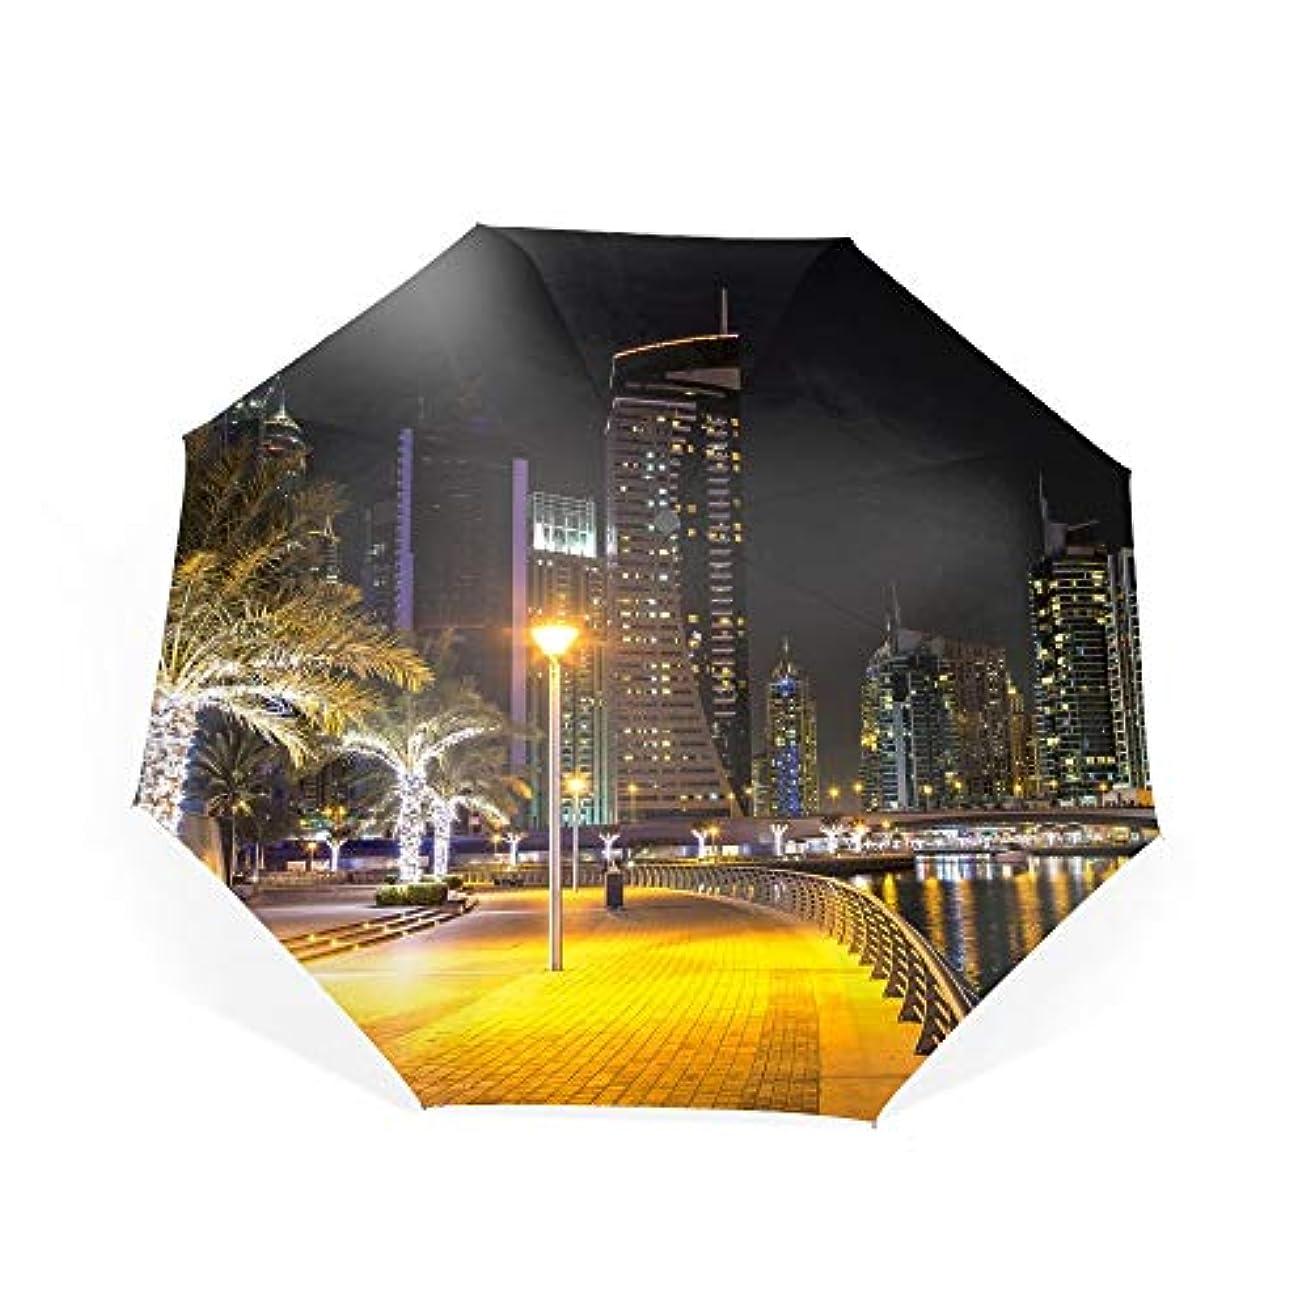 フォアタイプ側面肌寒い折り畳み傘 ワンタッチ自動開閉 日傘 晴雨兼用 軽量 紫外線遮断率99%以上日差しに超強いアナログ 傘強度アップ8本骨ガラス繊維 可愛いハンドル 耐風撥水 可愛い傘袋付きドバイナイトエンバンクメントベイヨットアラブ首長国連邦